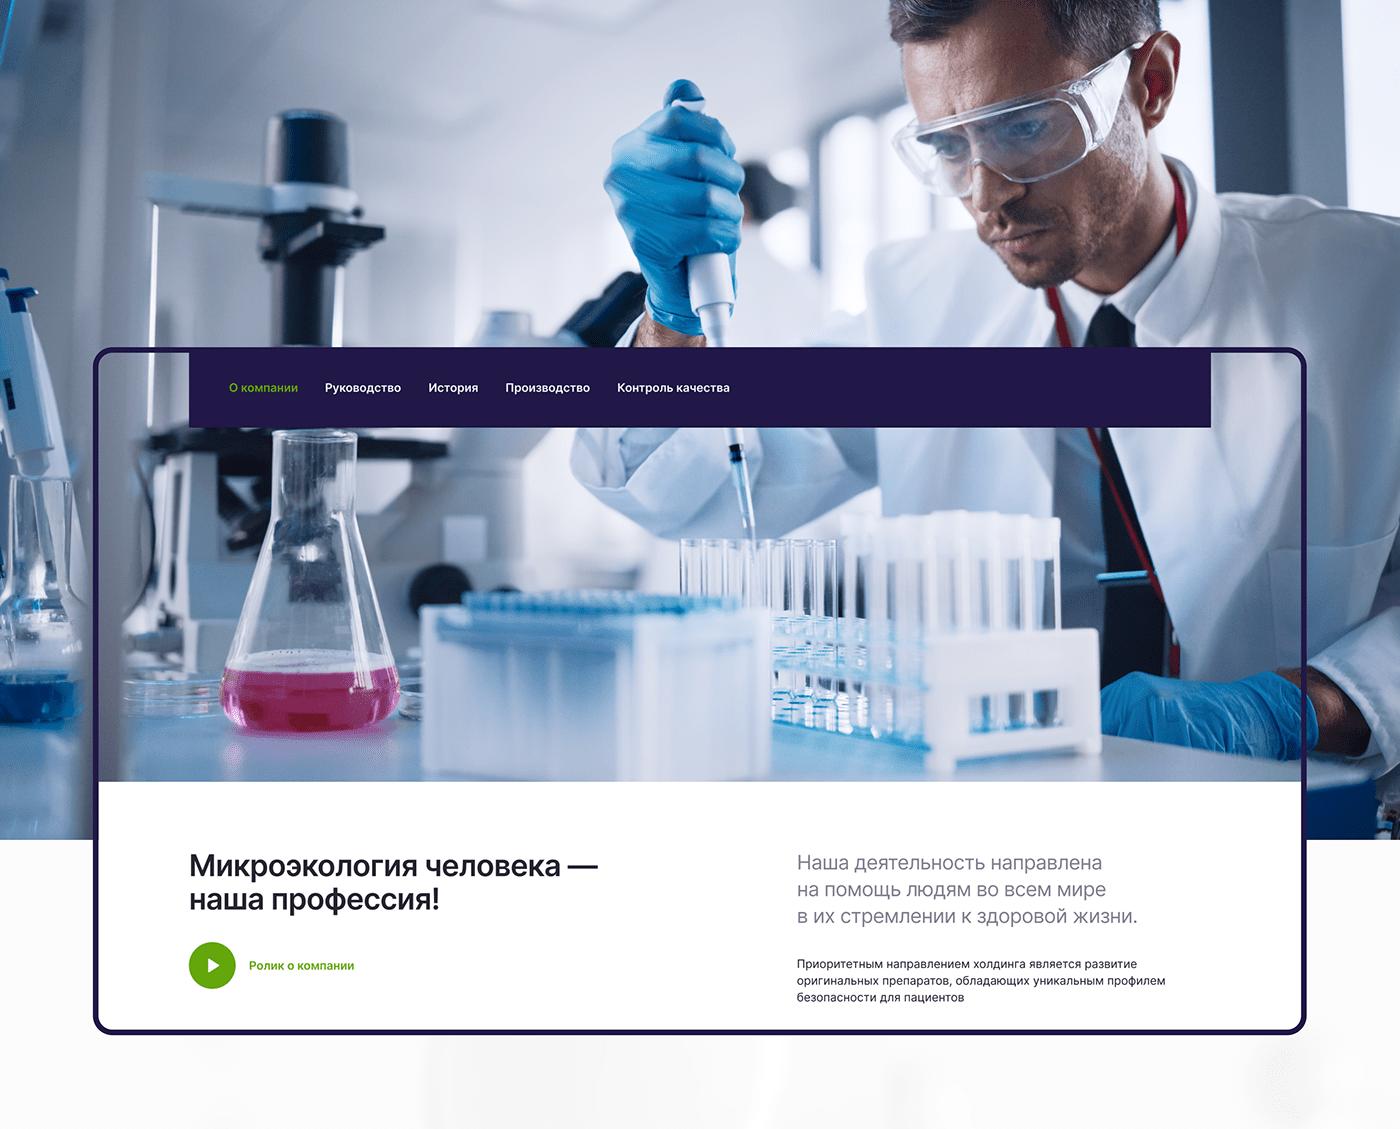 Bacteria company medications medicine Pharmaceutical Pharmaceutical Company UI ux Web